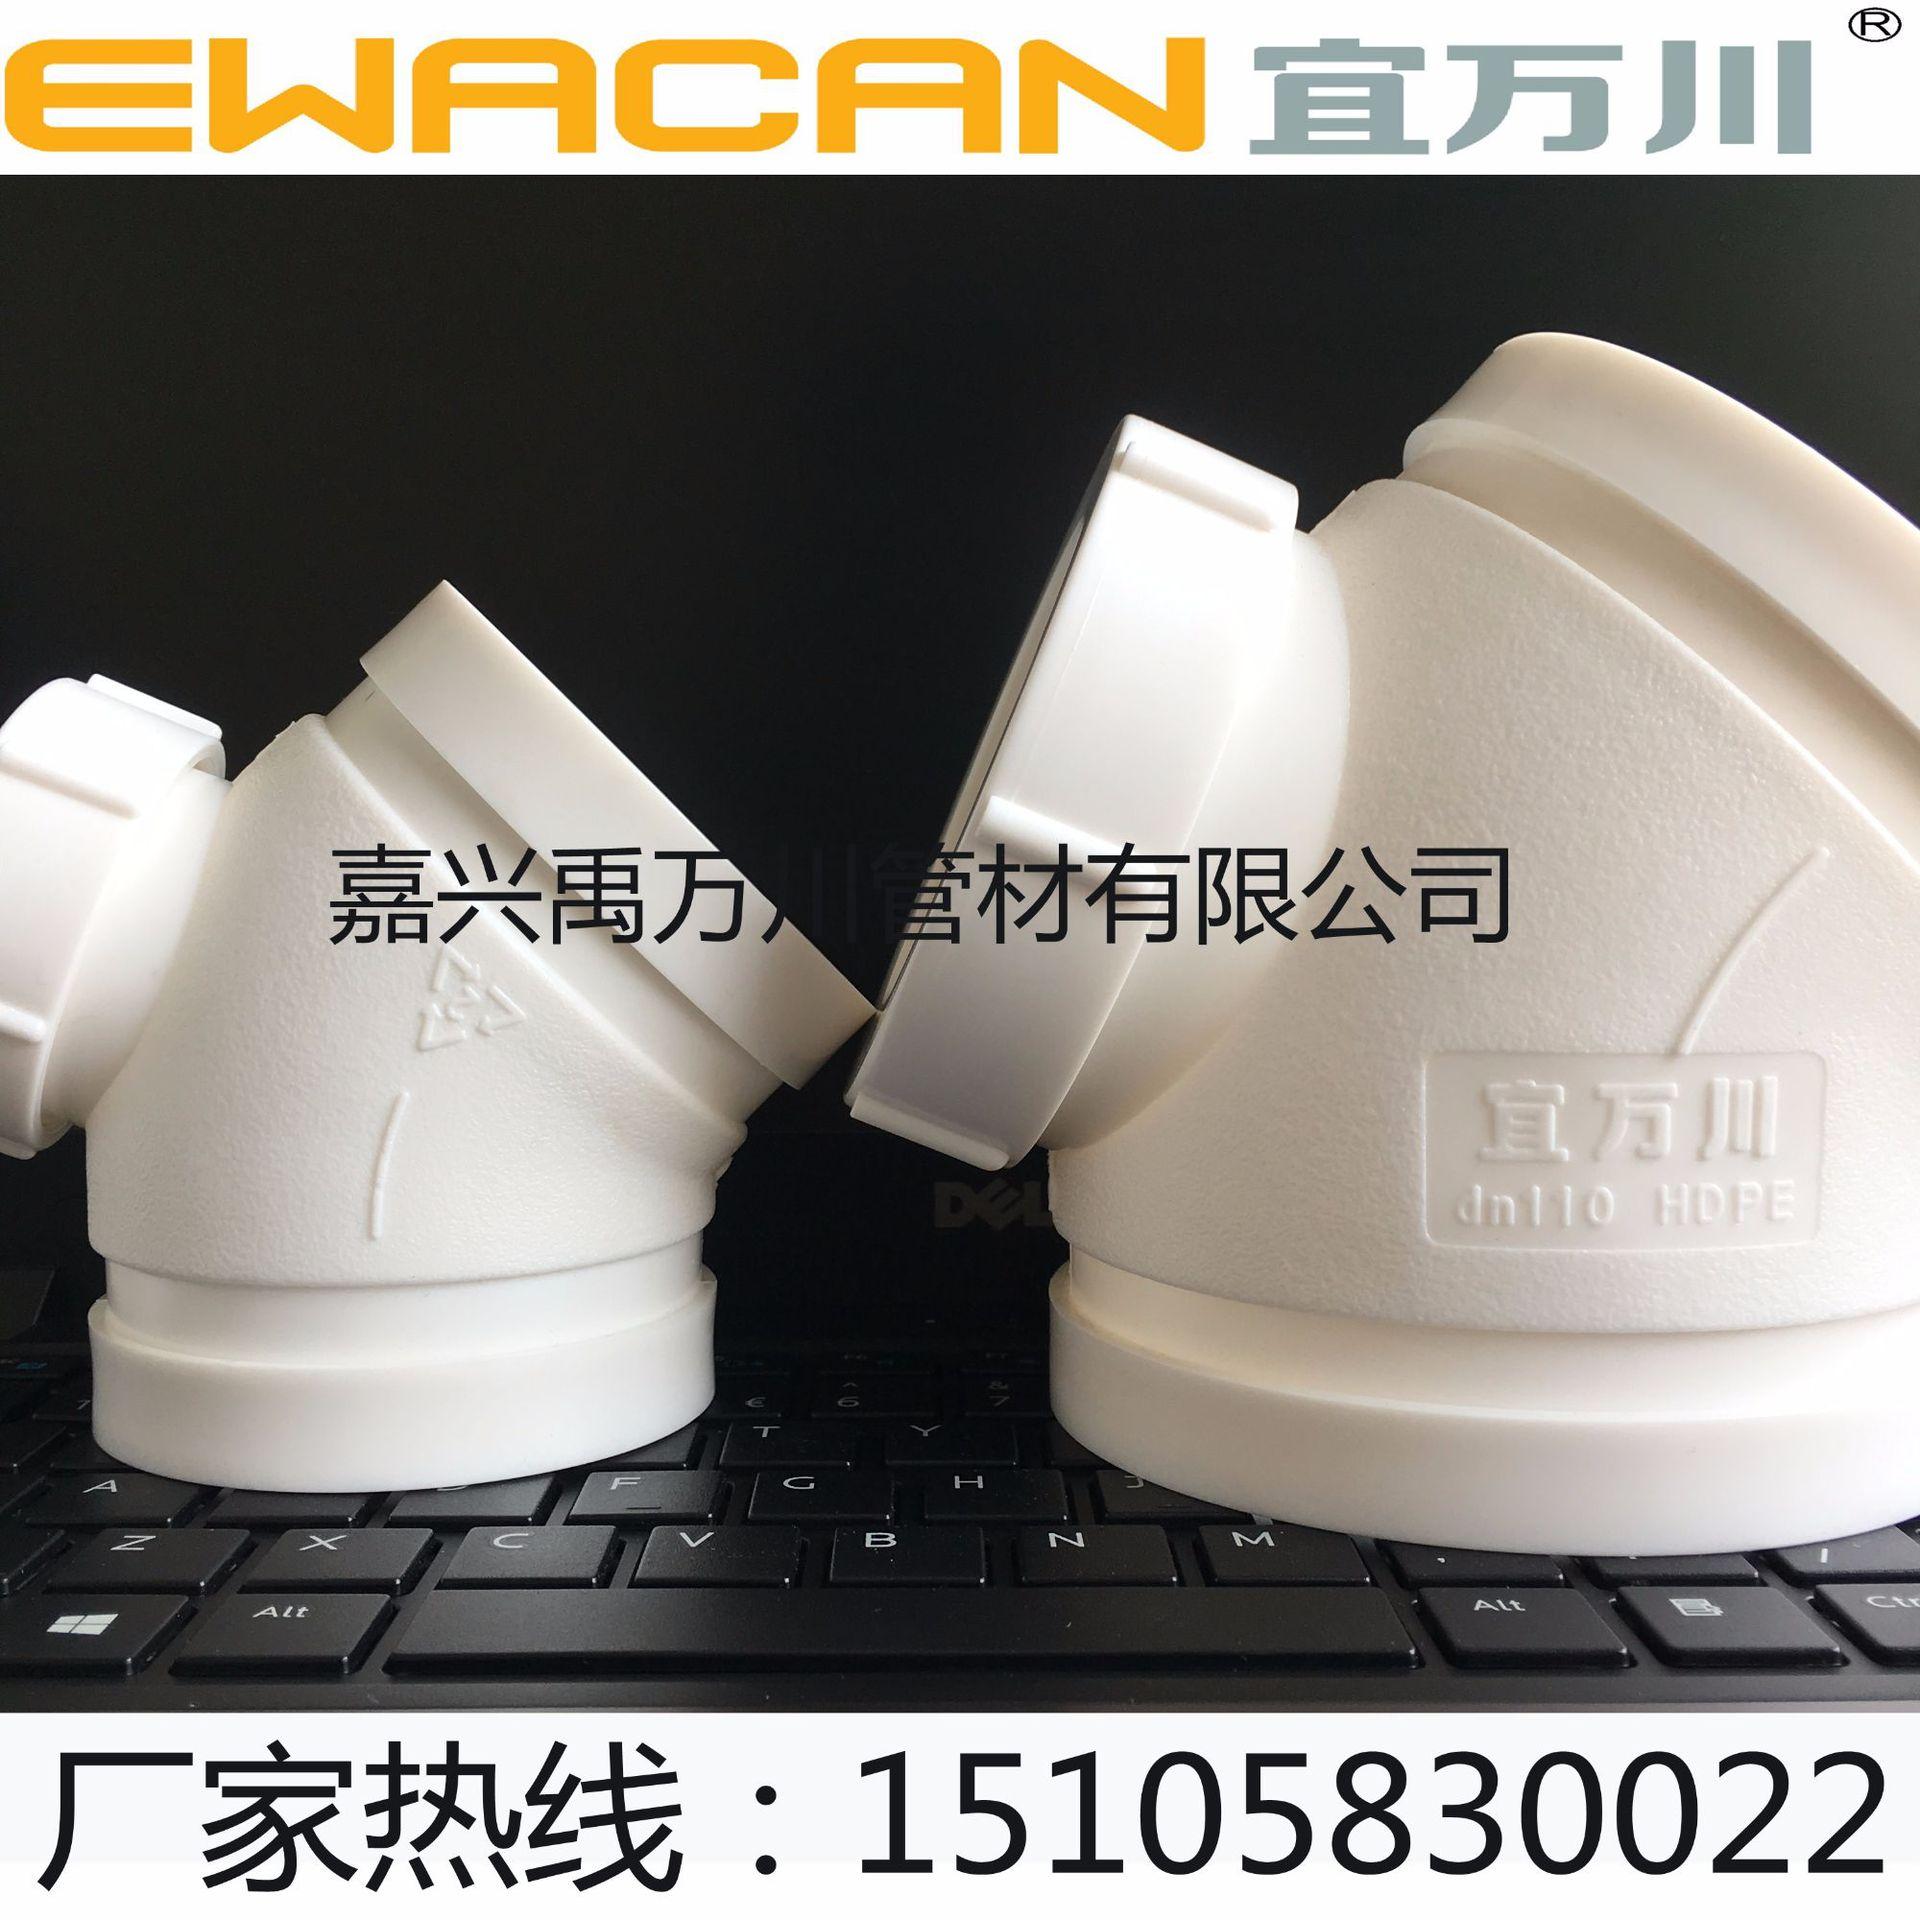 HDPE沟槽式超静音排水管,沟槽式HDPE静音排水管,沟槽柔性连接示例图2